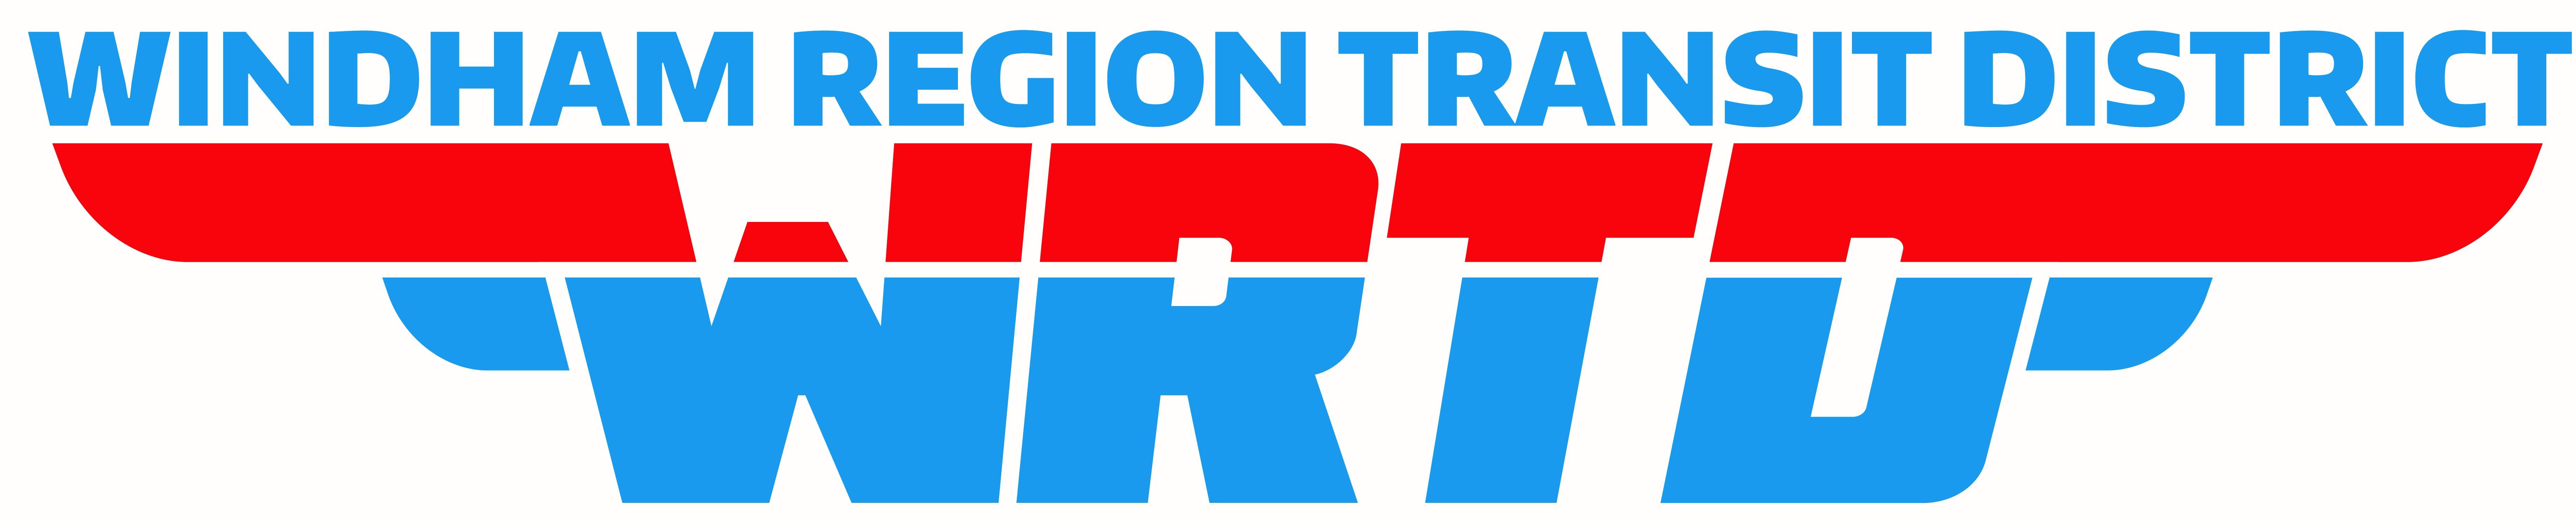 Alternatives | Transportation Services